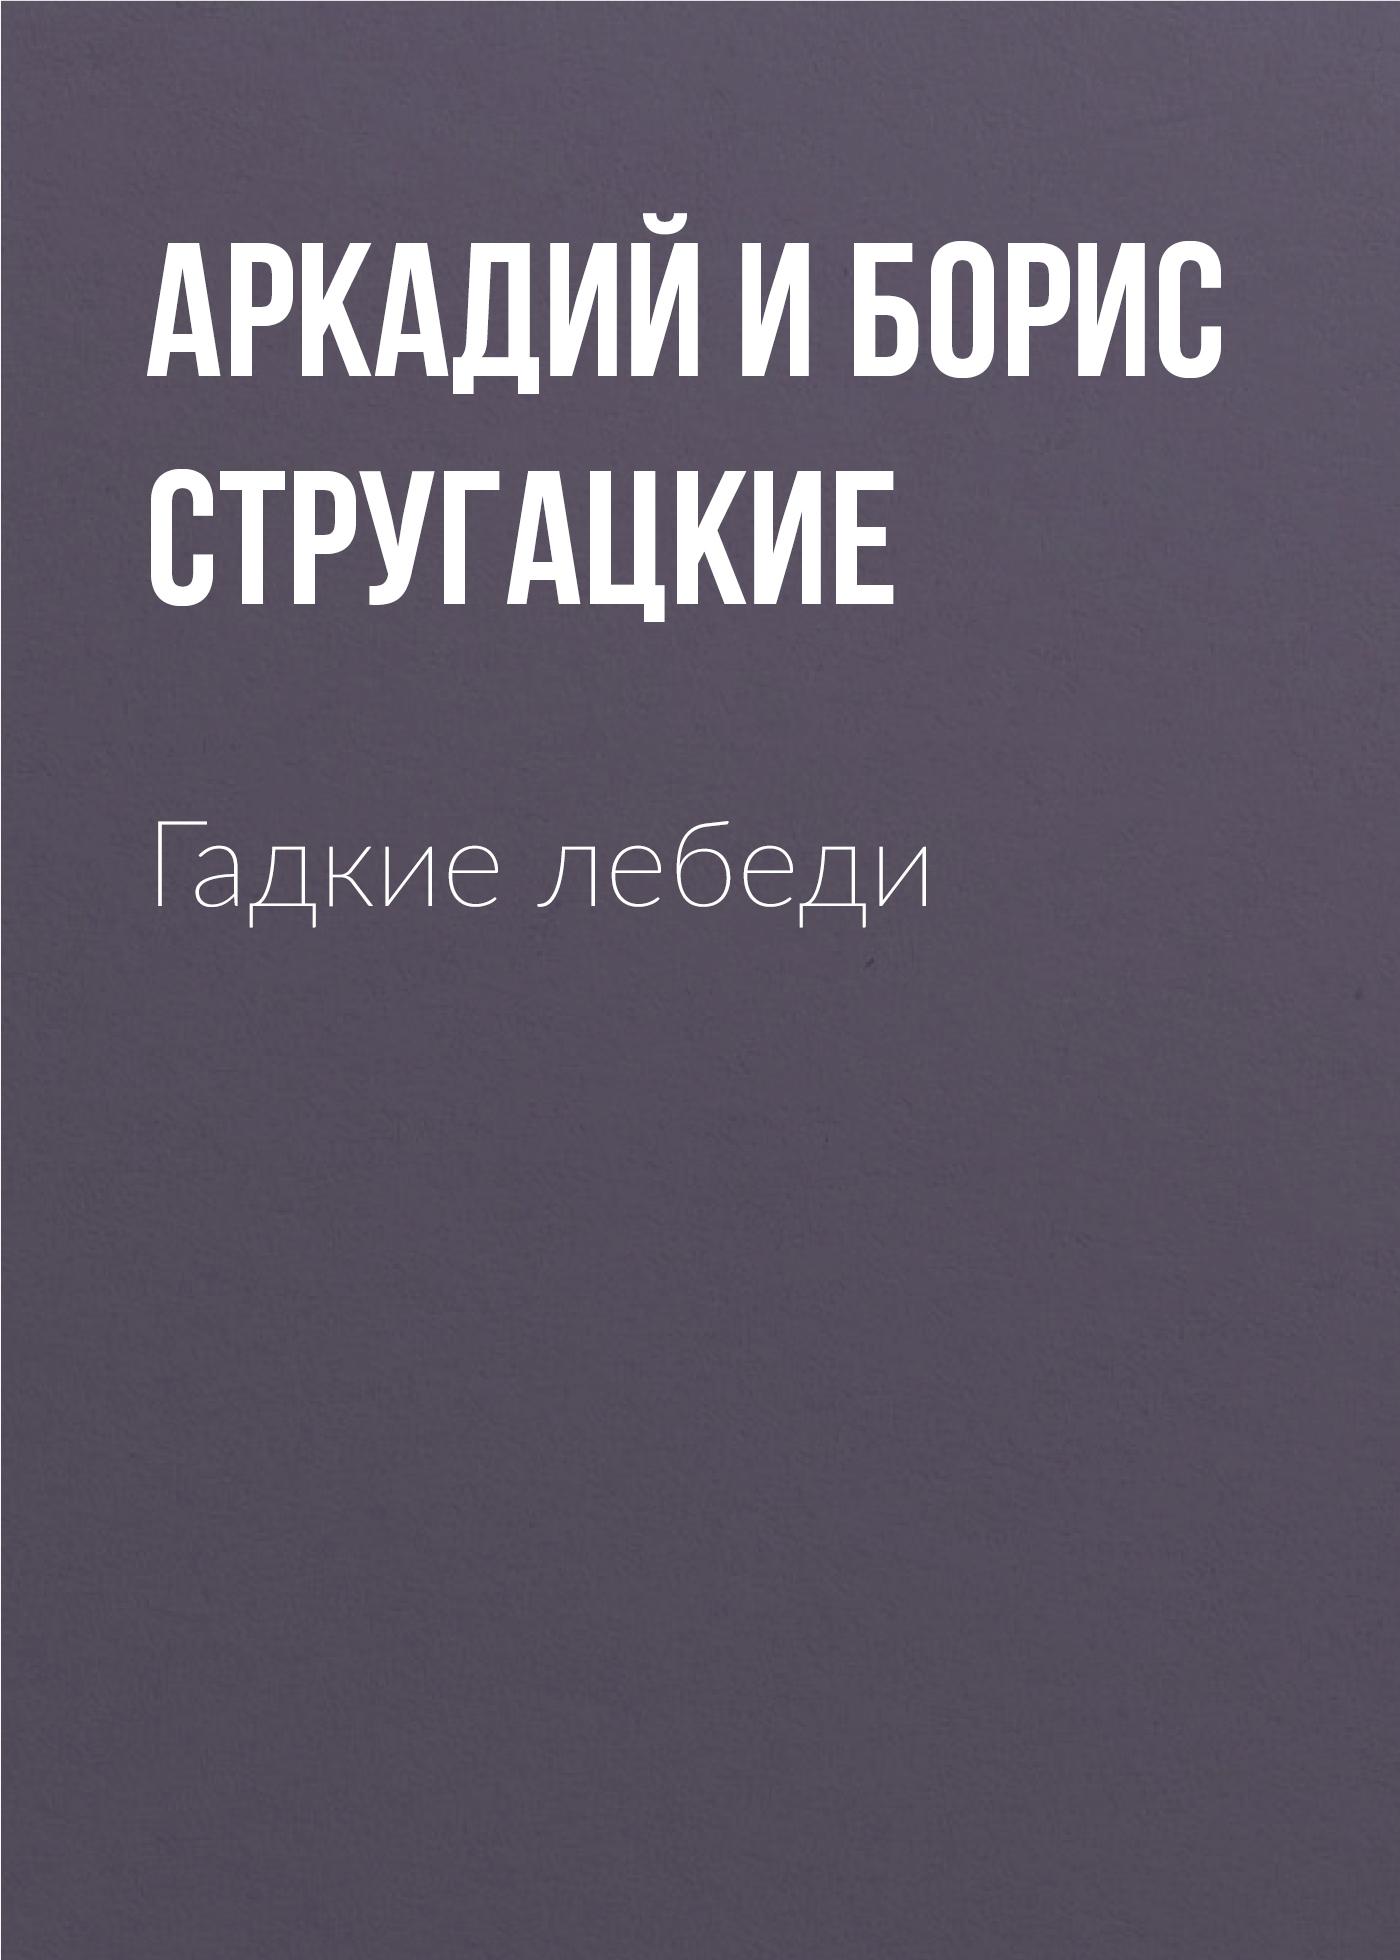 Аркадий и Борис Стругацкие «Гадкие лебеди»